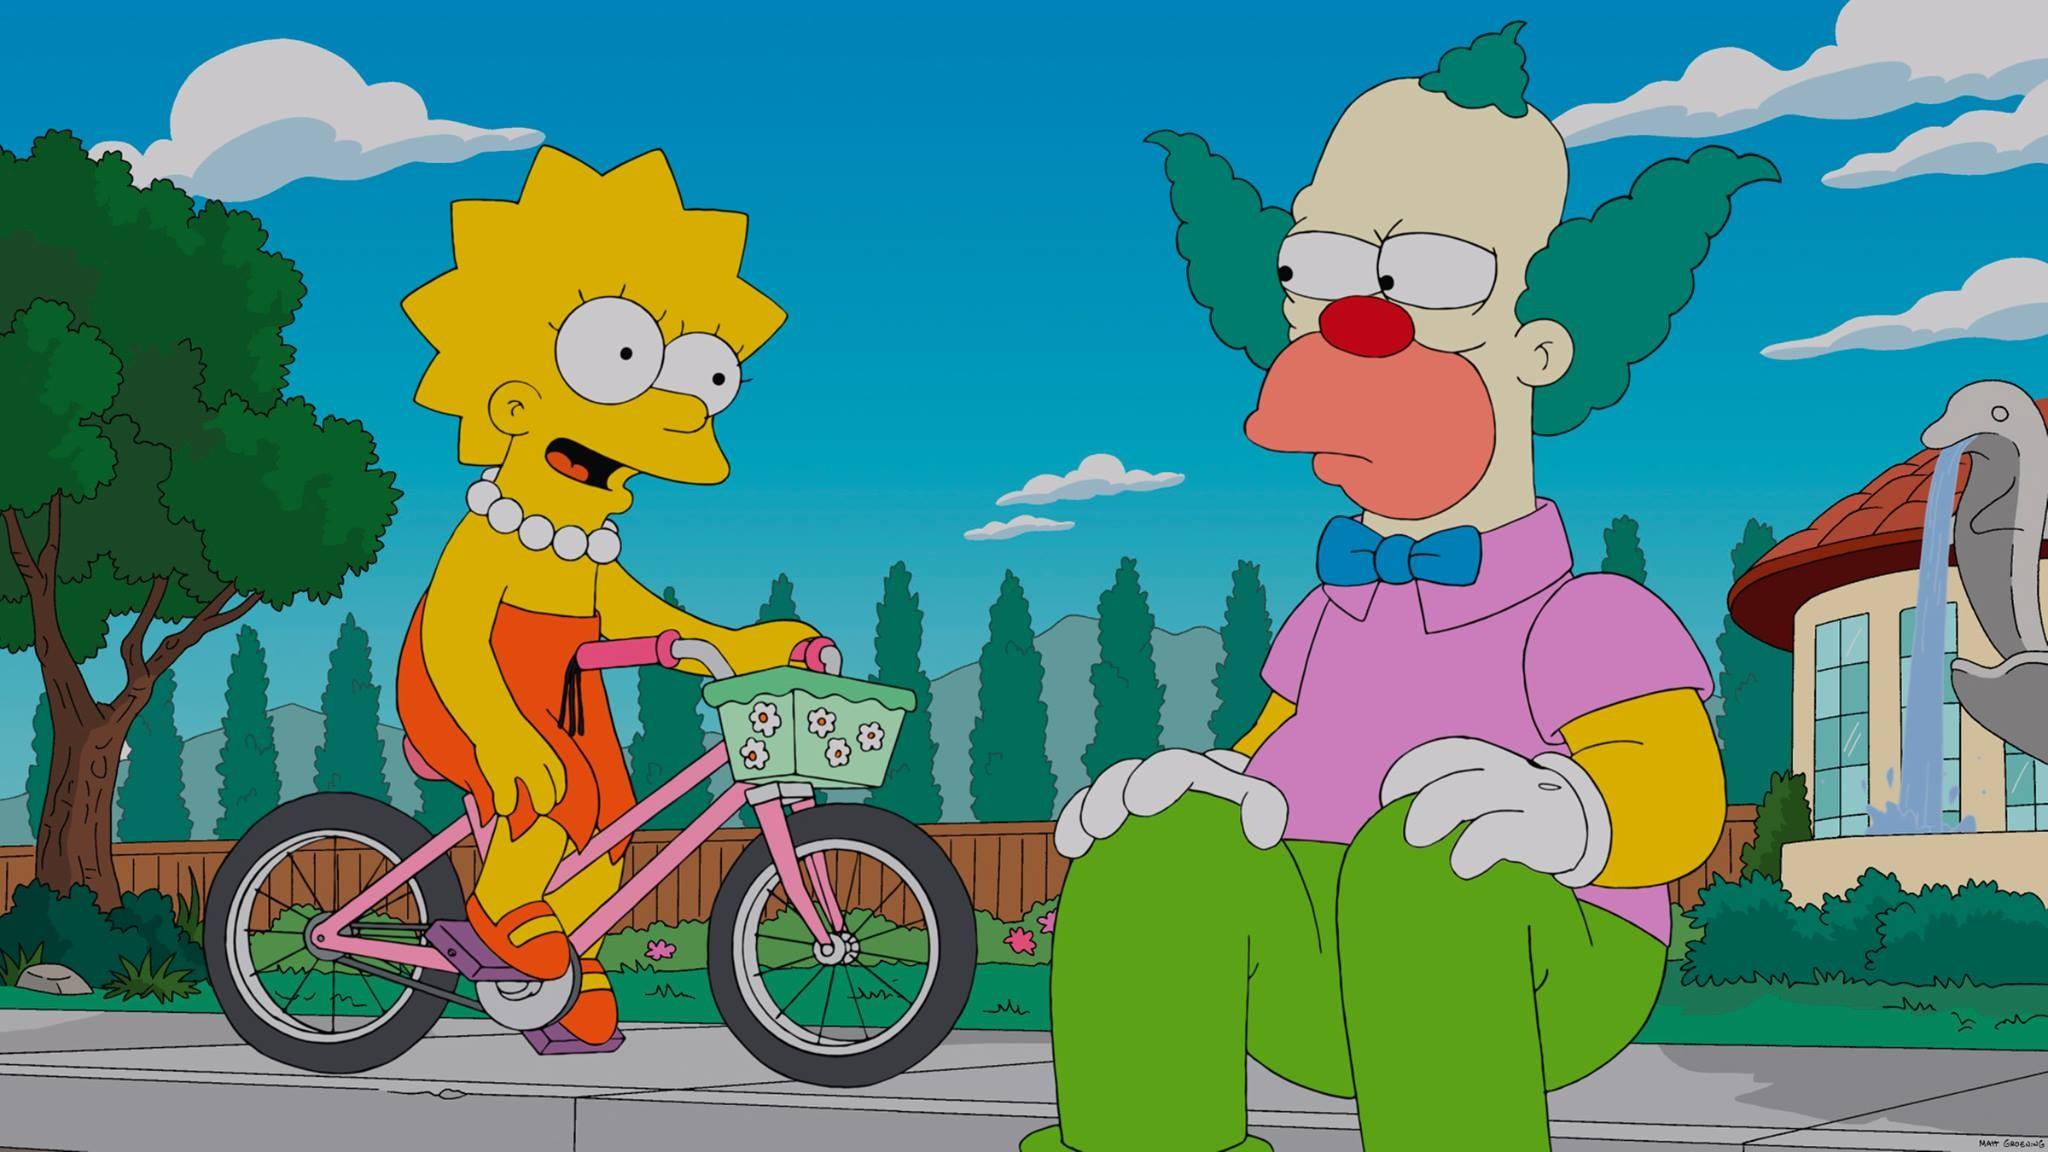 Fond D écran Illustration Dessin Animé Les Simpsons